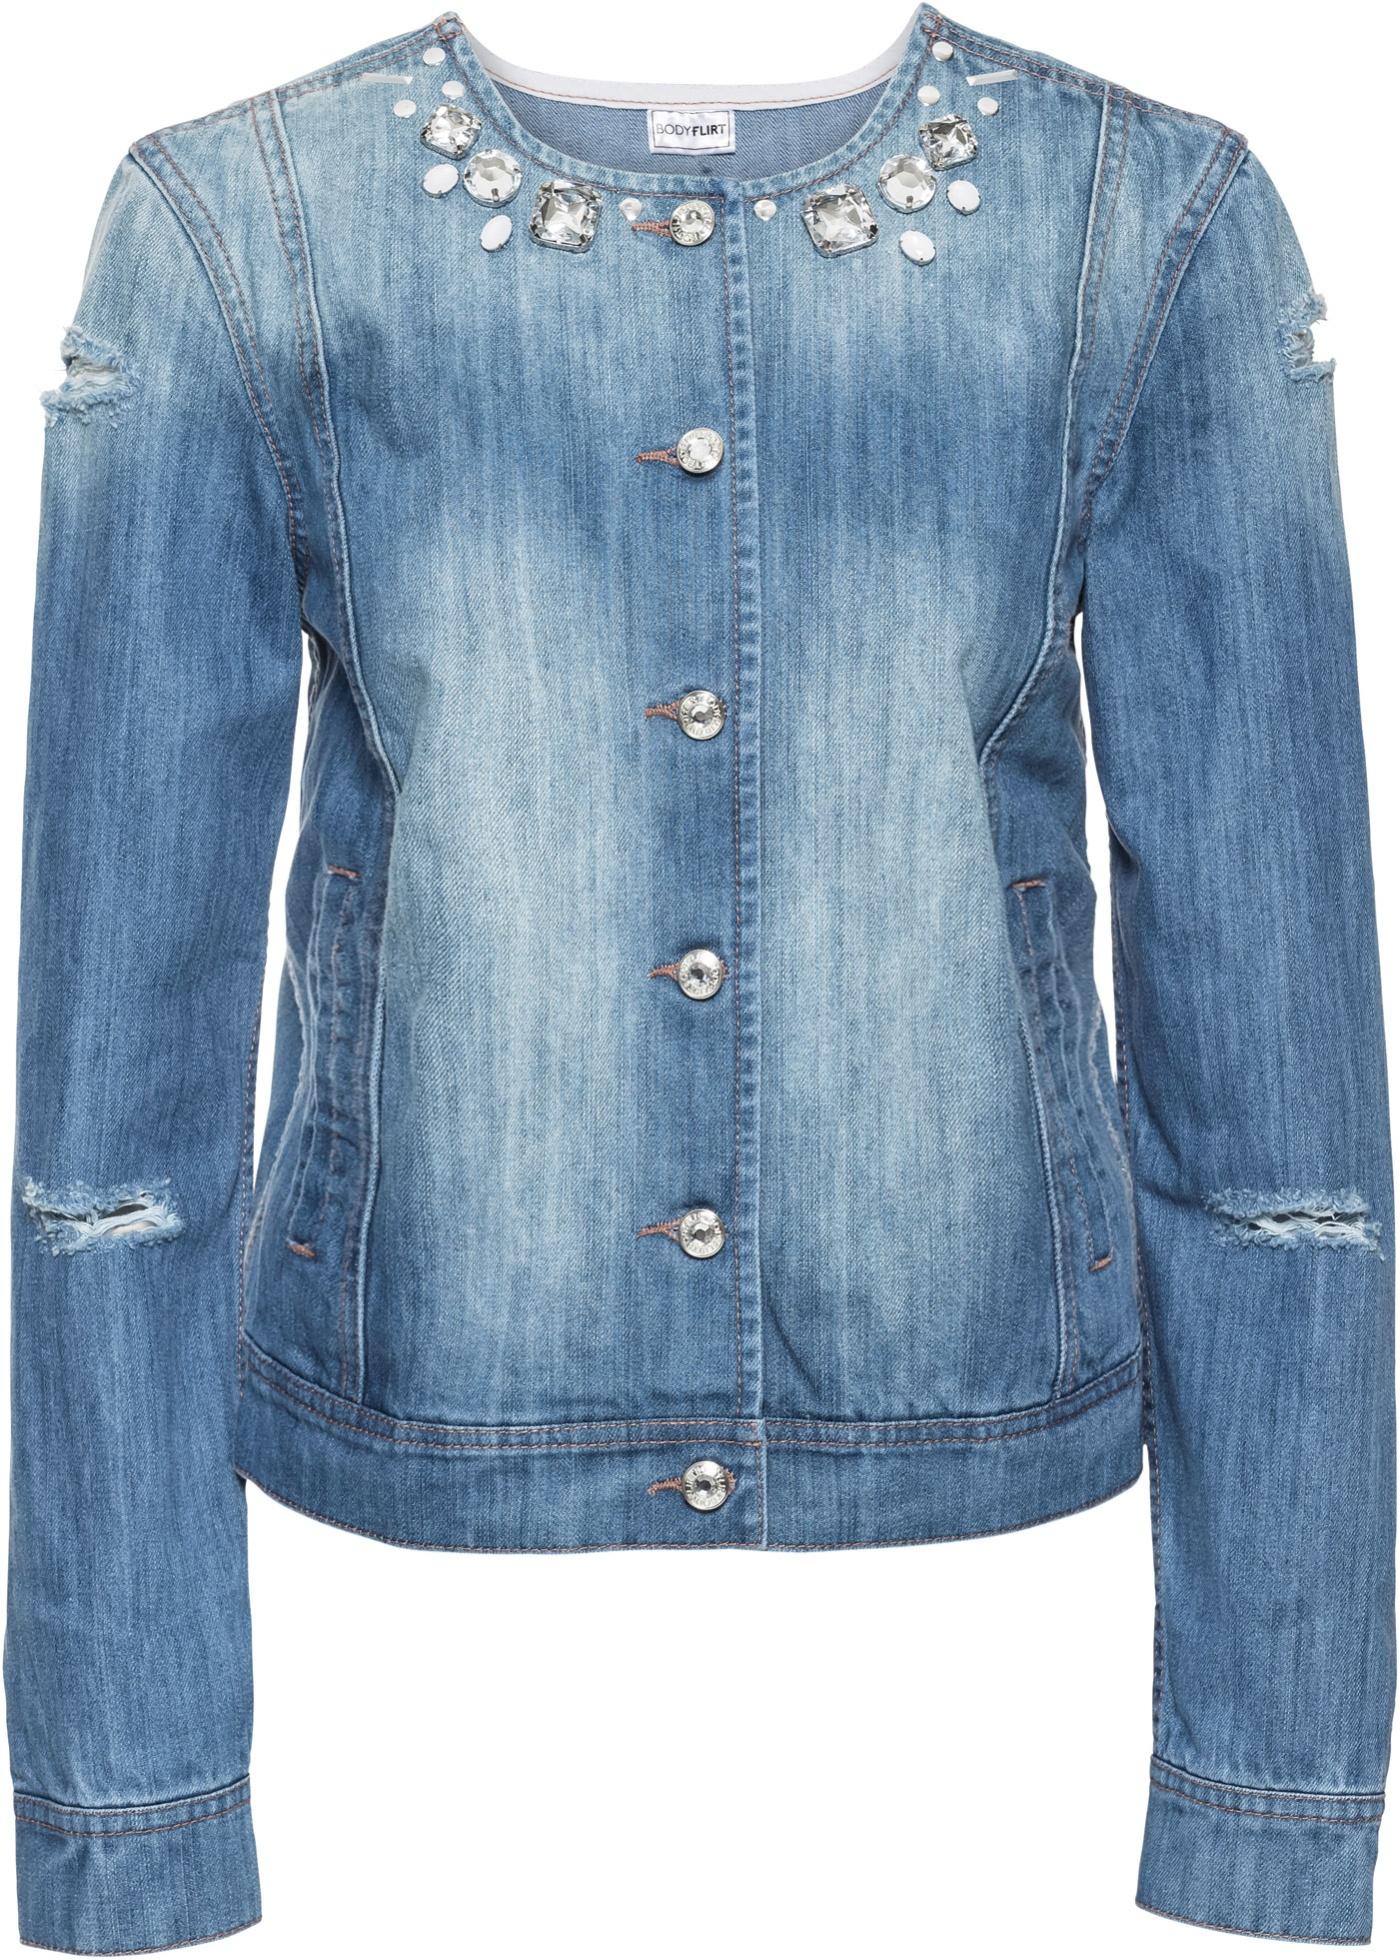 Džínová bunda s ozdobnými kamínky - Modrá